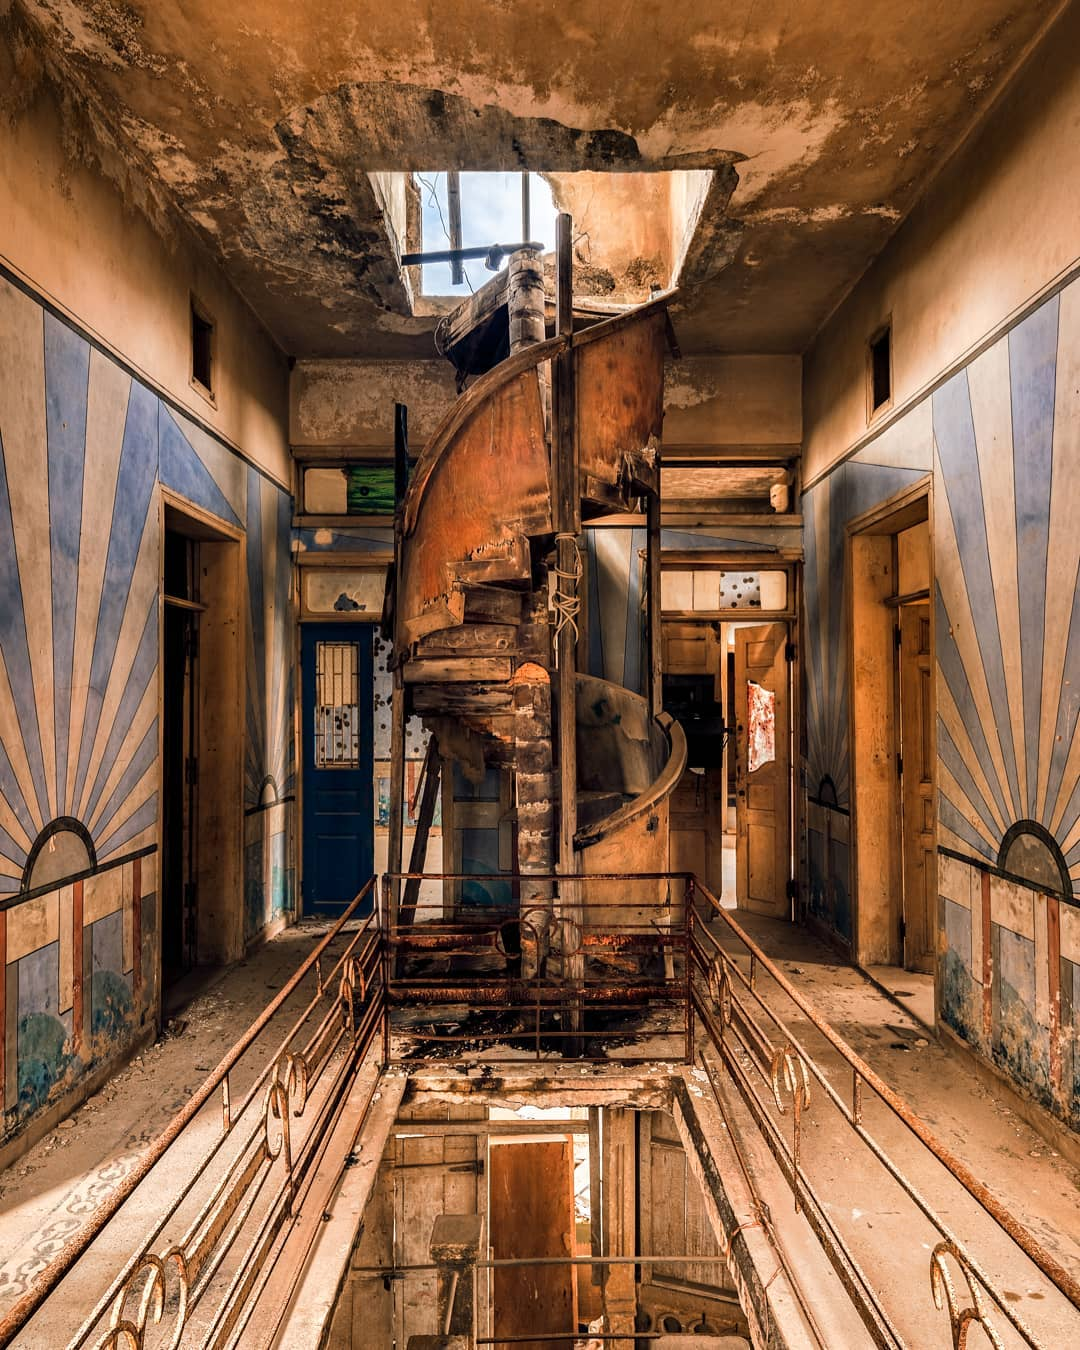 Escalier en colimaçon d'inspiration art déco